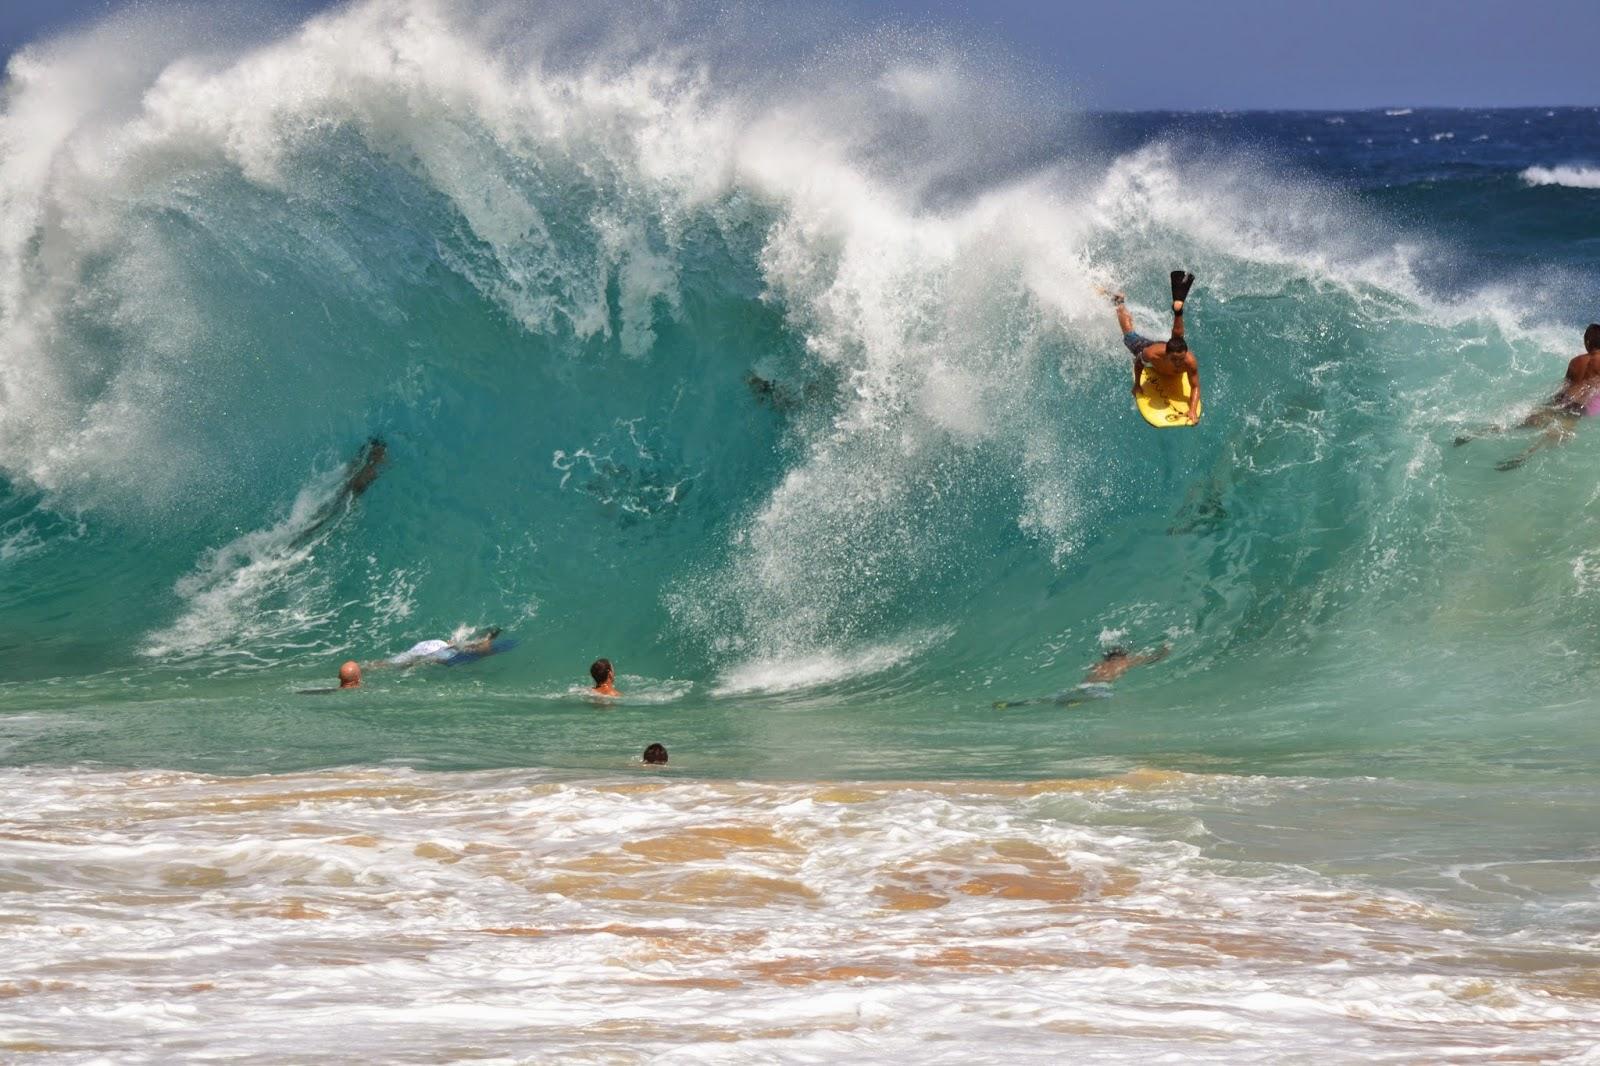 Family Travel Blog : Hawaii Daily Photo: Body boarding